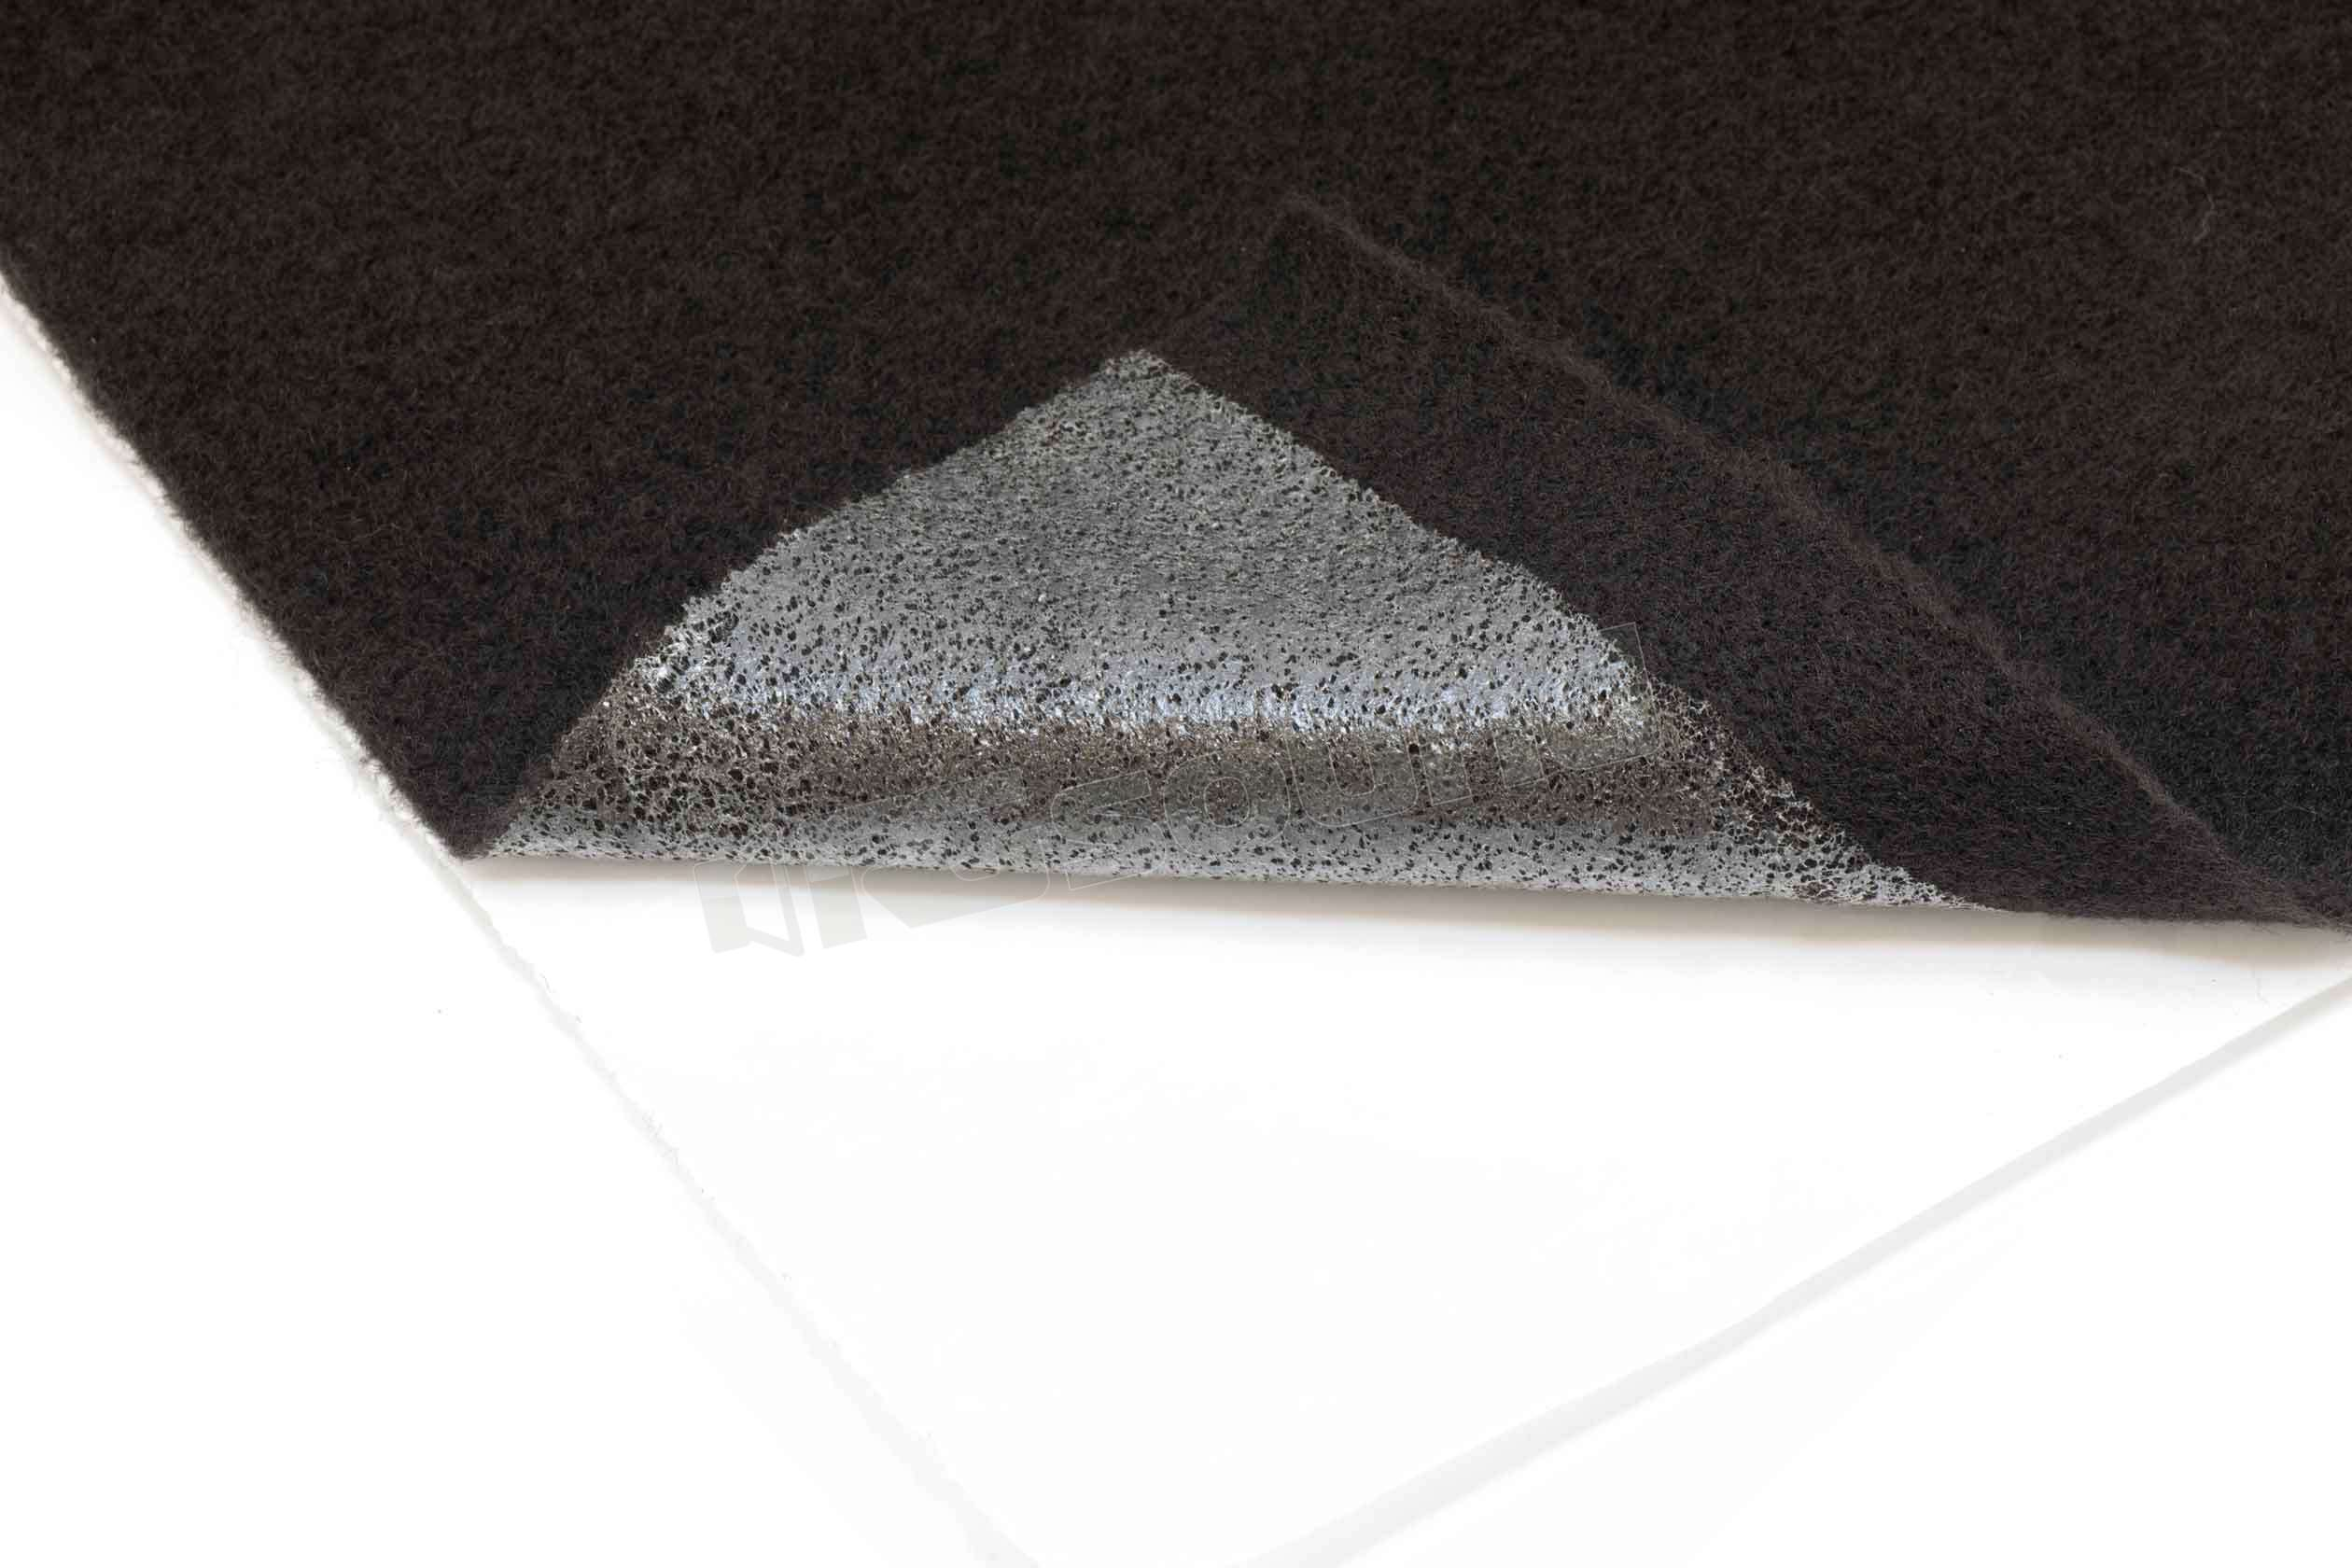 phonocar 04360 moquette adesiva nera componentistica per